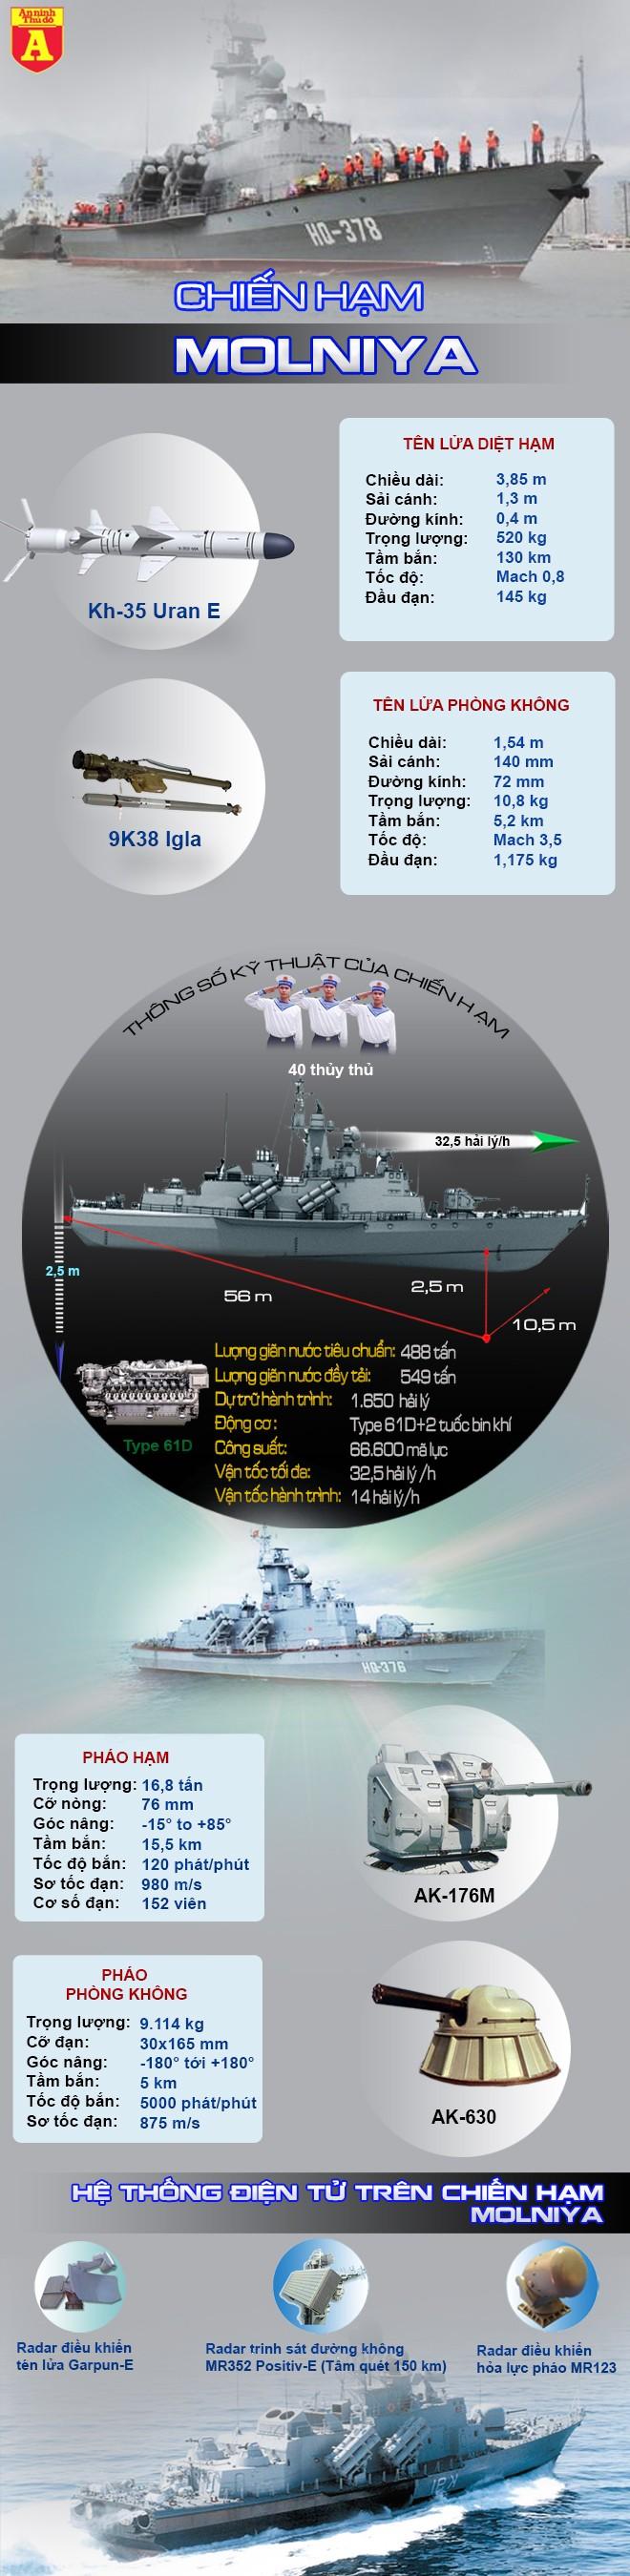 """[Info] Điều ít biết về """"Tia chớp"""" phòng thủ trên biển Đông ảnh 2"""